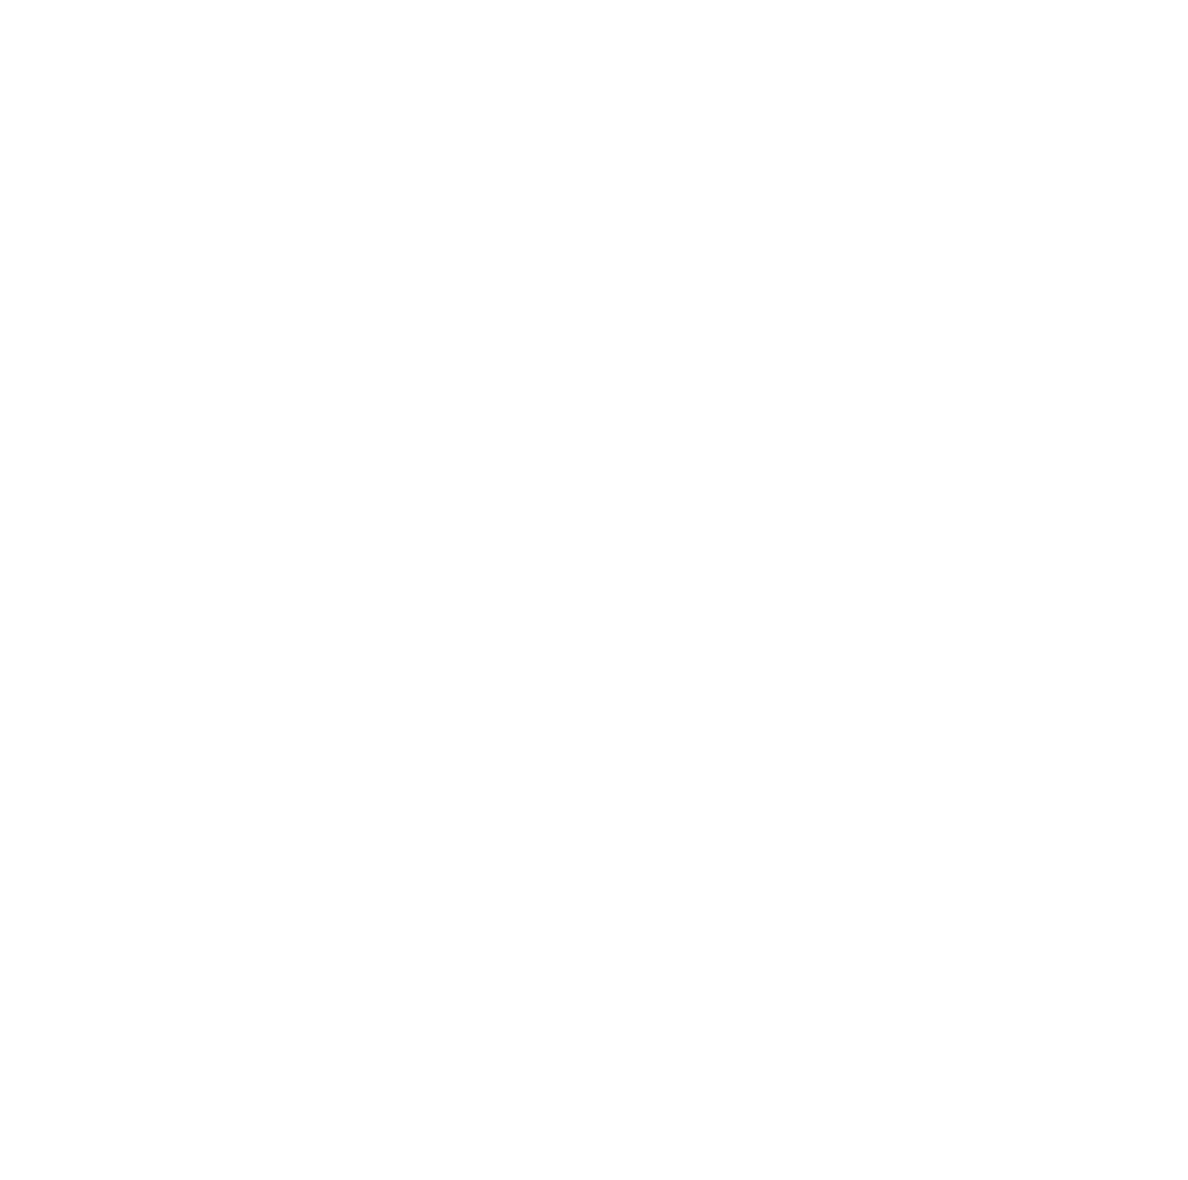 Pécs M.J. Város Önkormányzata